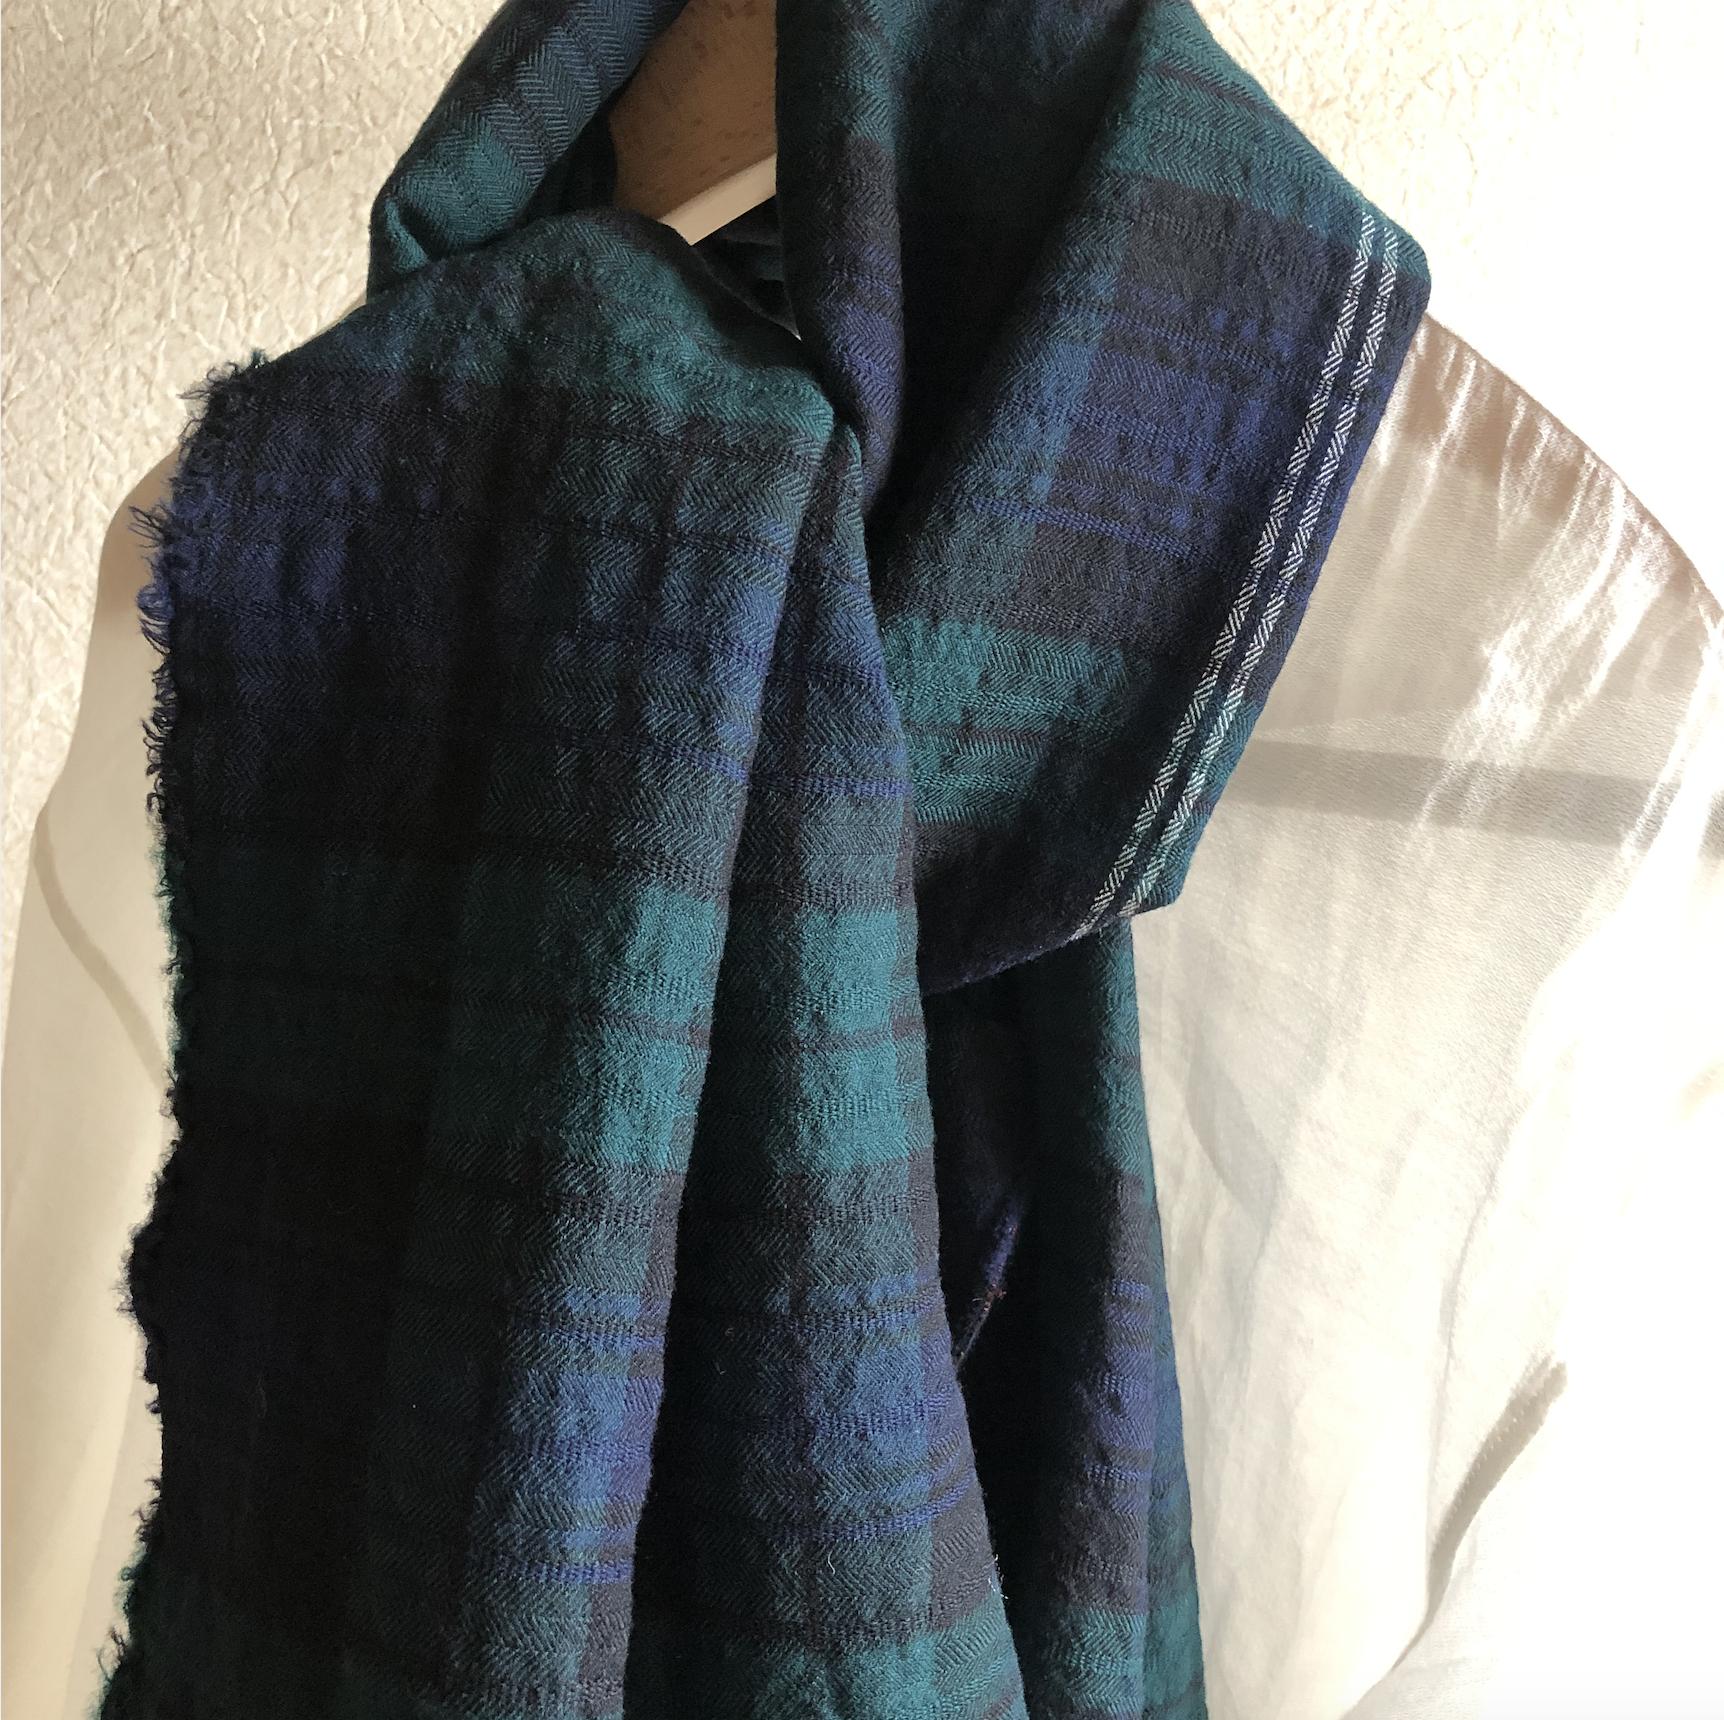 【秋冬新商品】Masnou design(マスノウデザイン)のストールが入荷しました!